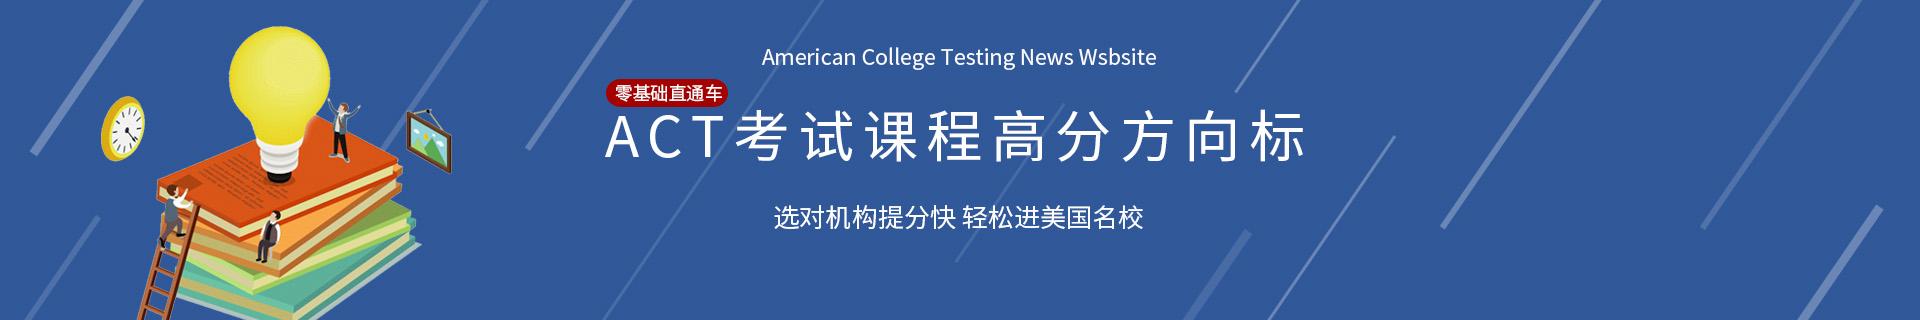 南京玄武区中山南路环球教育培训机构